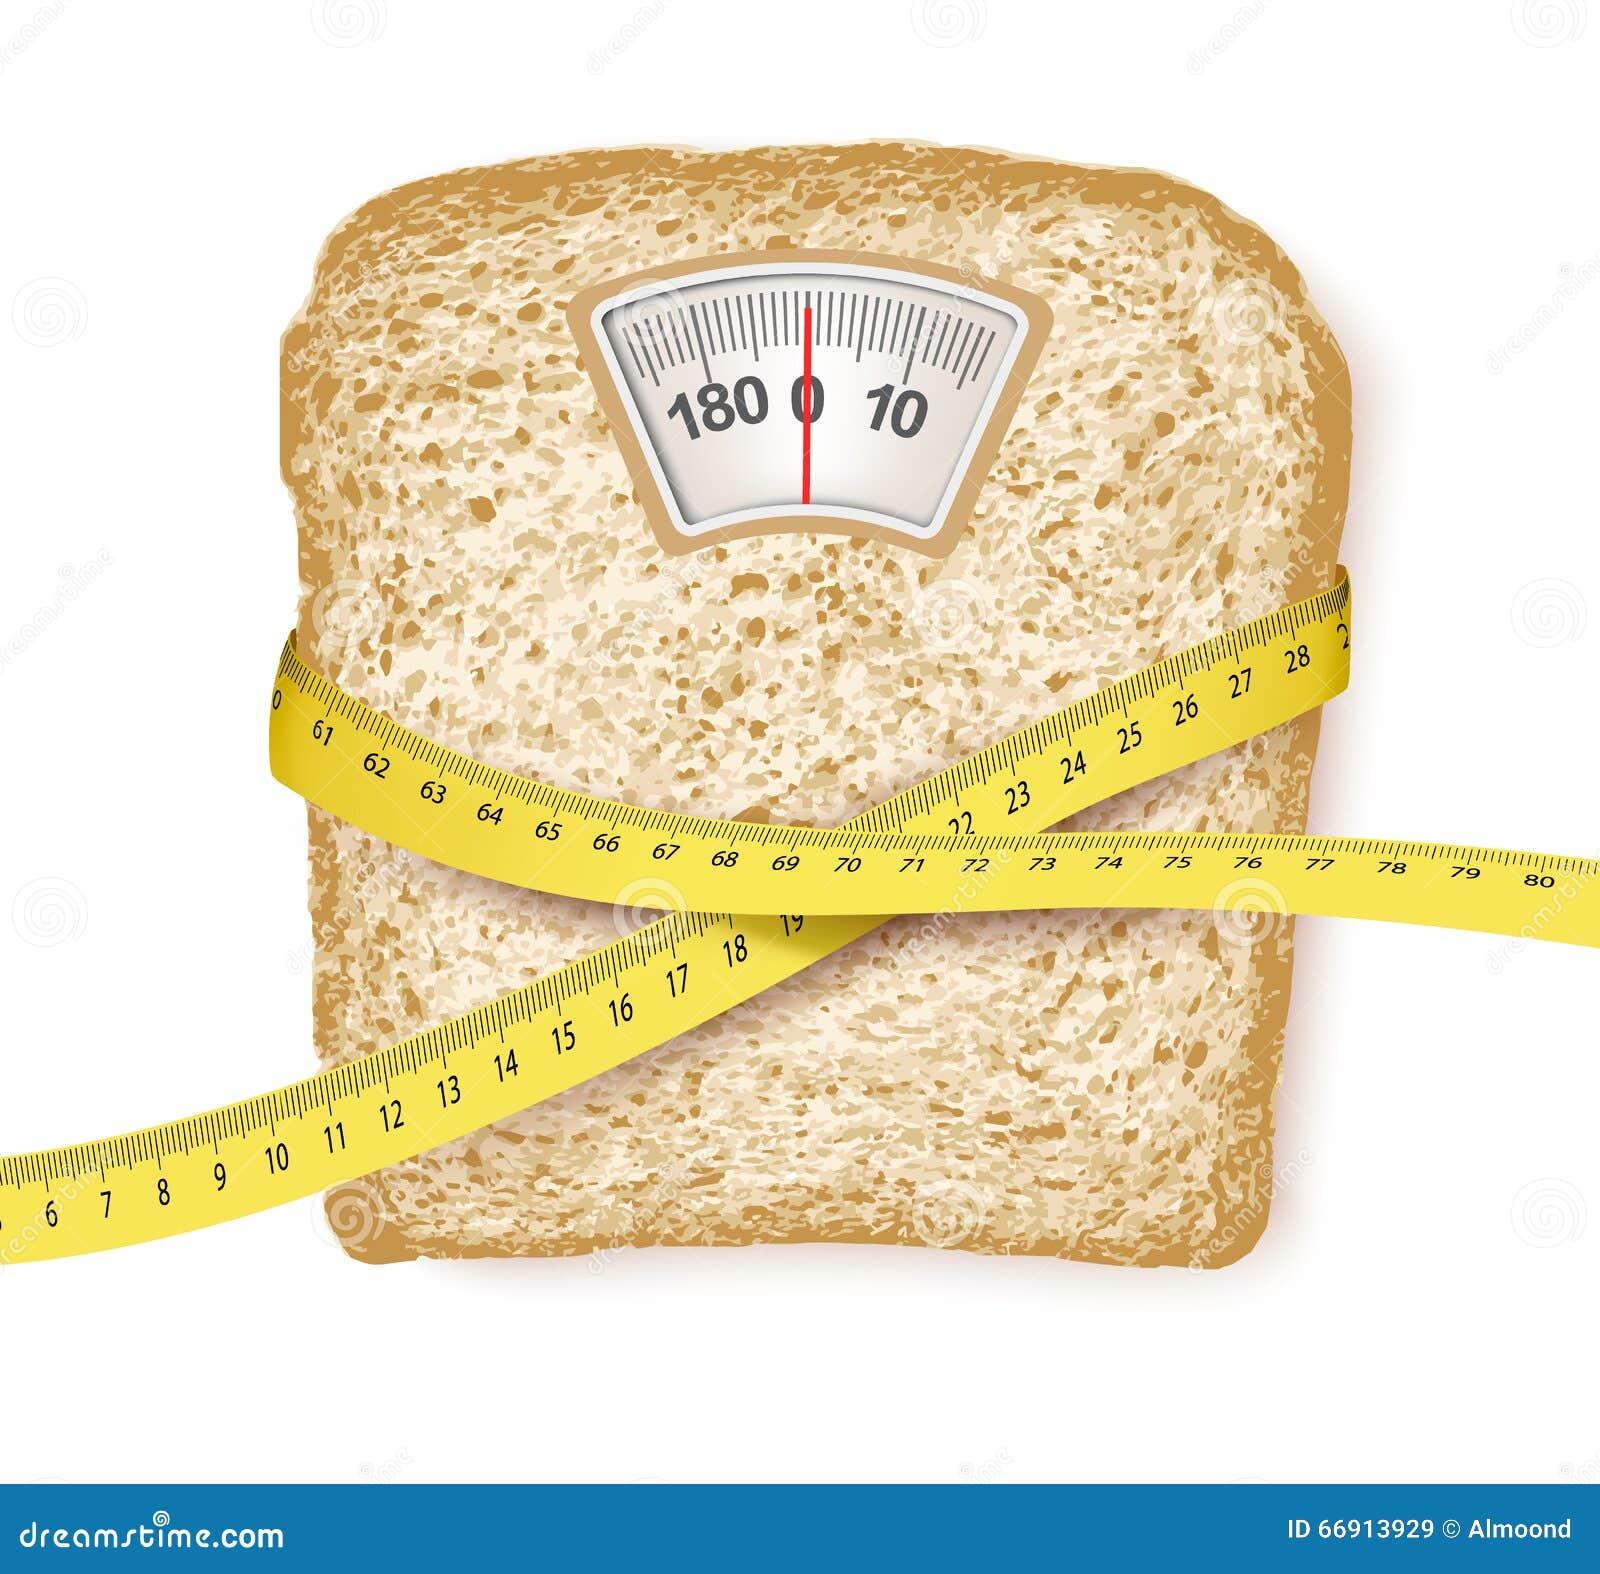 Escalas de peso no formulário de uma fatia do pão e de uma fita de medição